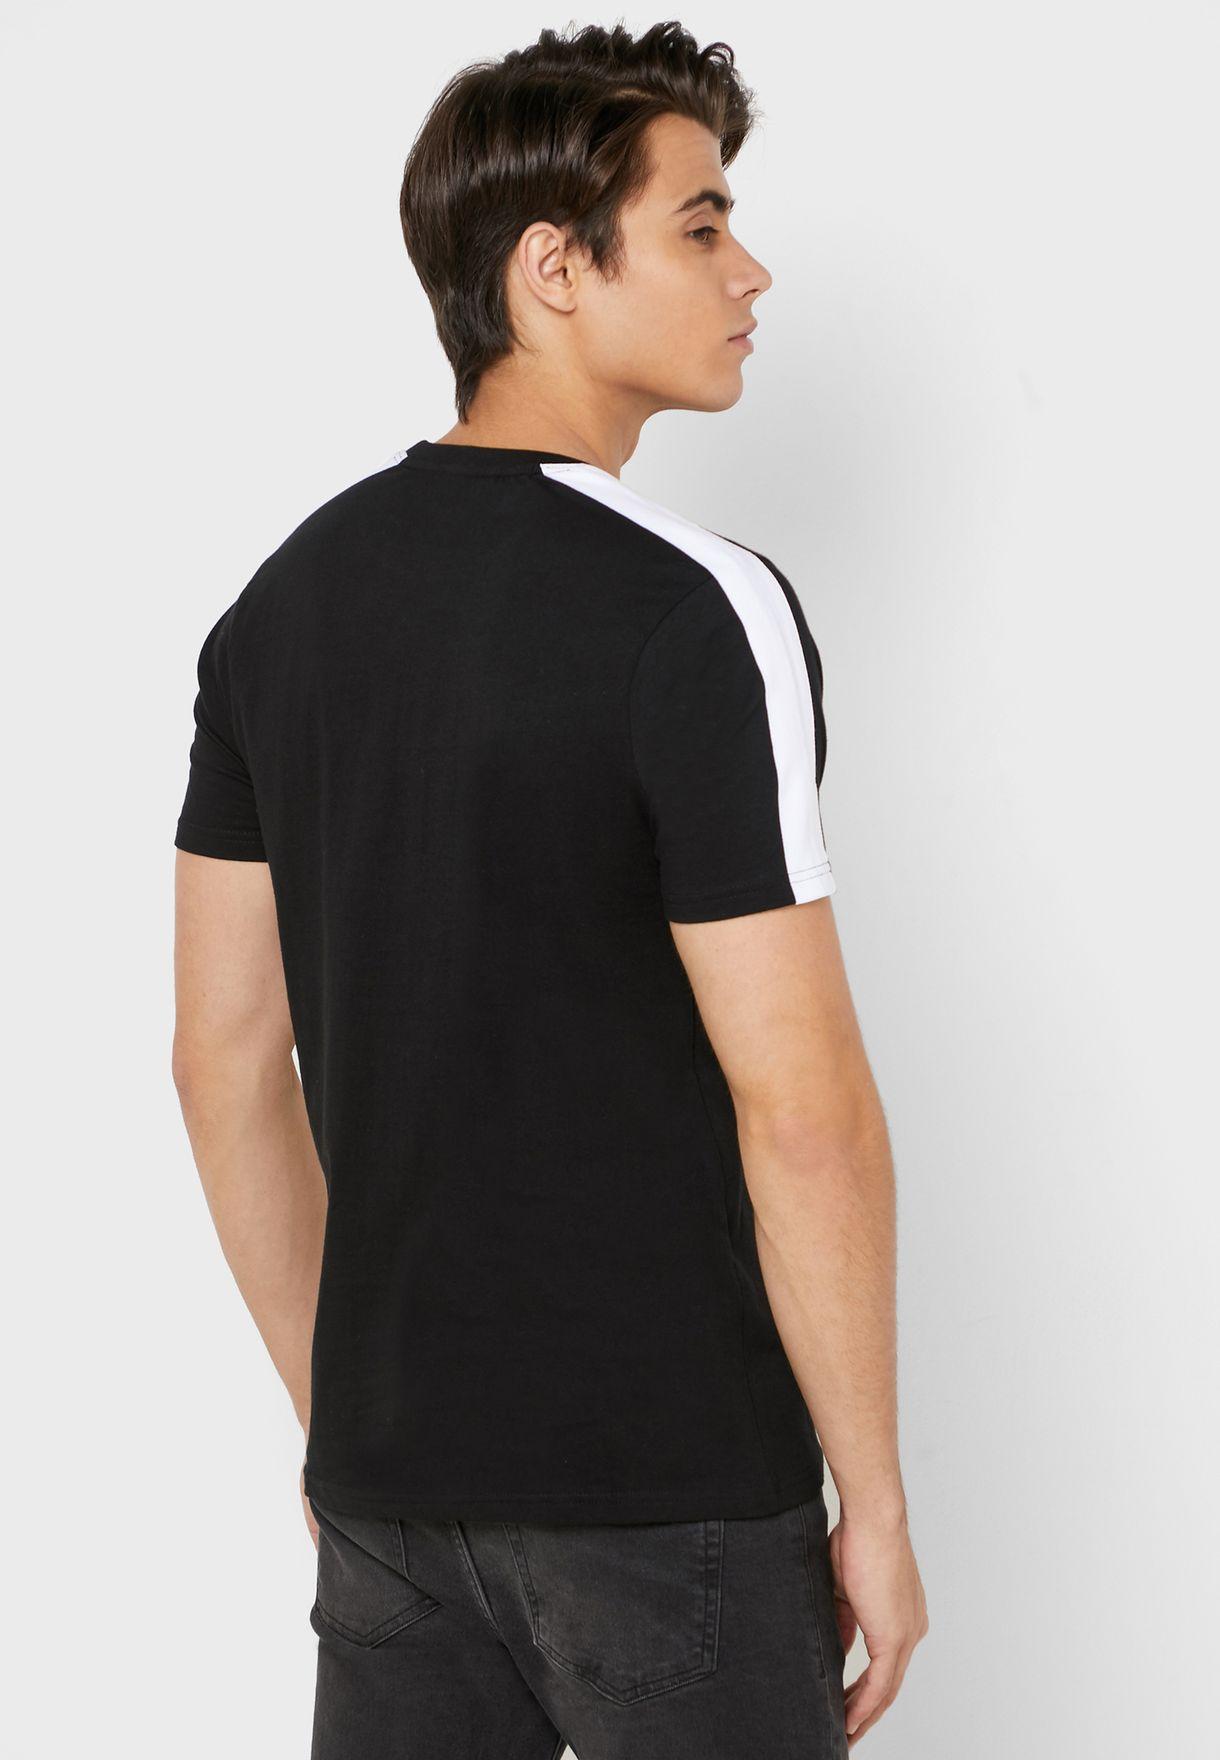 Kylo Ren T Shirt